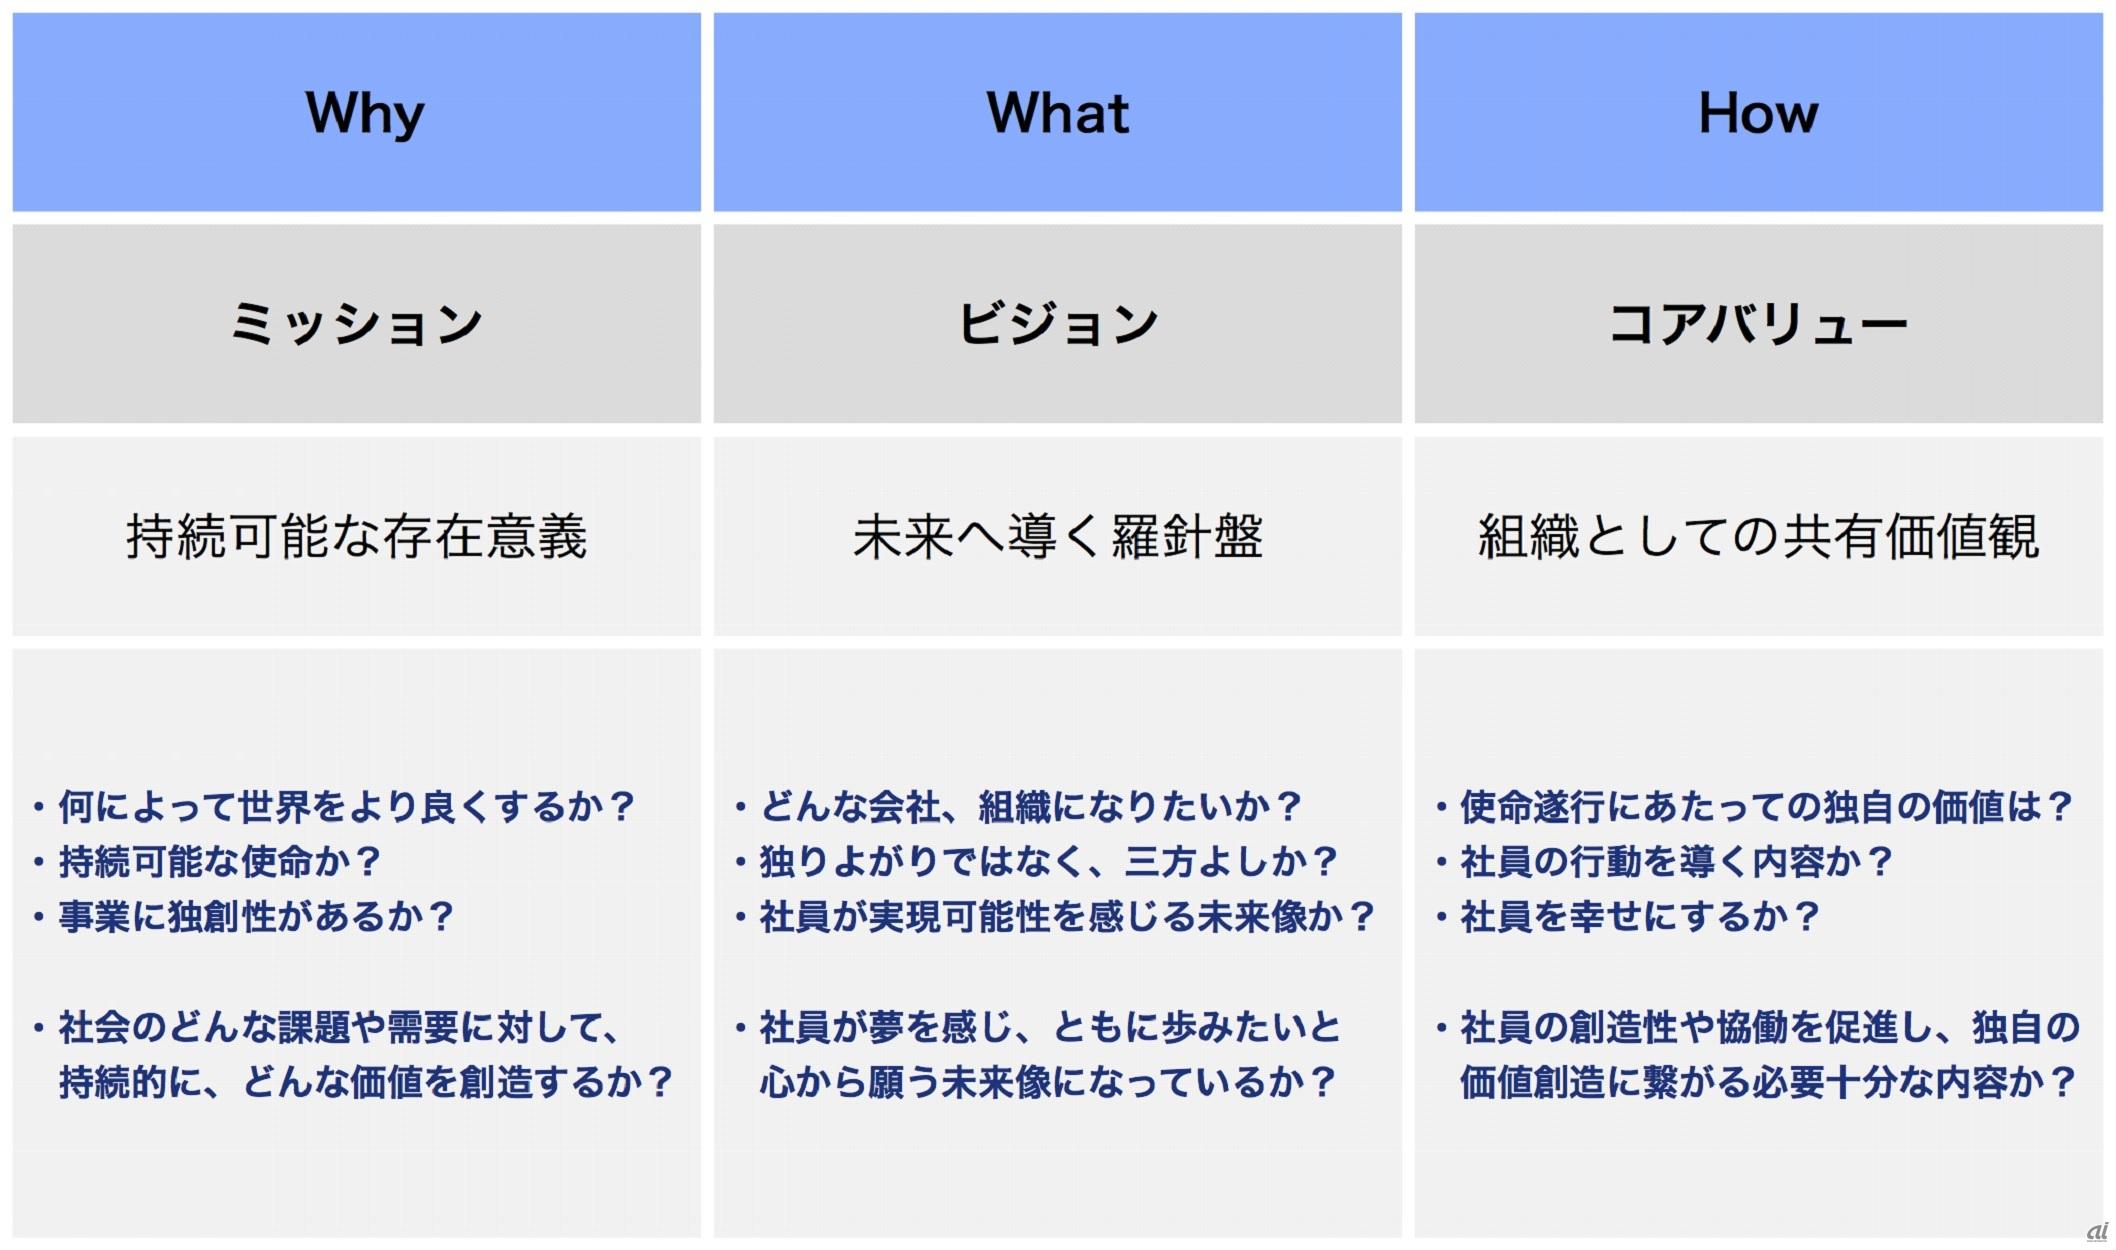 企業哲学の3要素: ミッション・ビジョン・コアバリュー